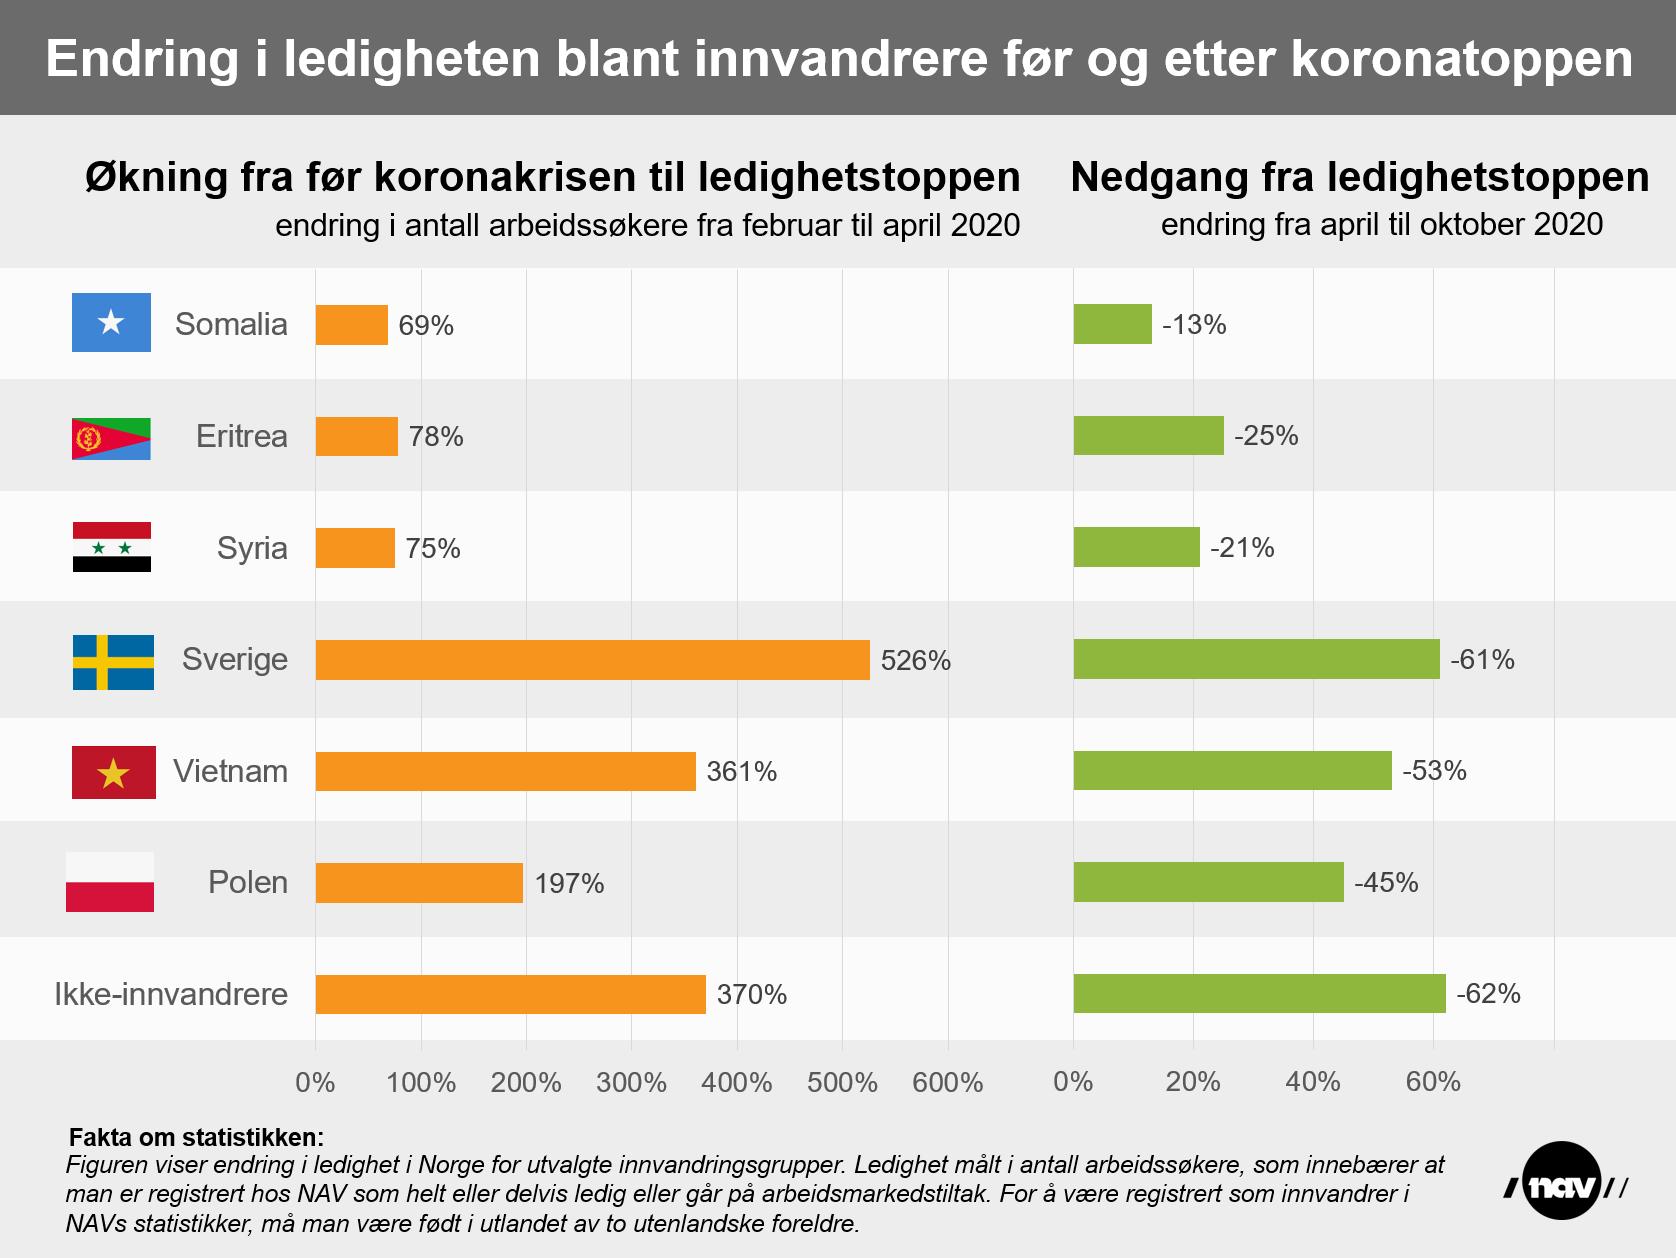 Infografikk som viser endringer i ledigheten blant innvandrere før og etter ledighetstoppen under koronaperioden, fordelt på land.